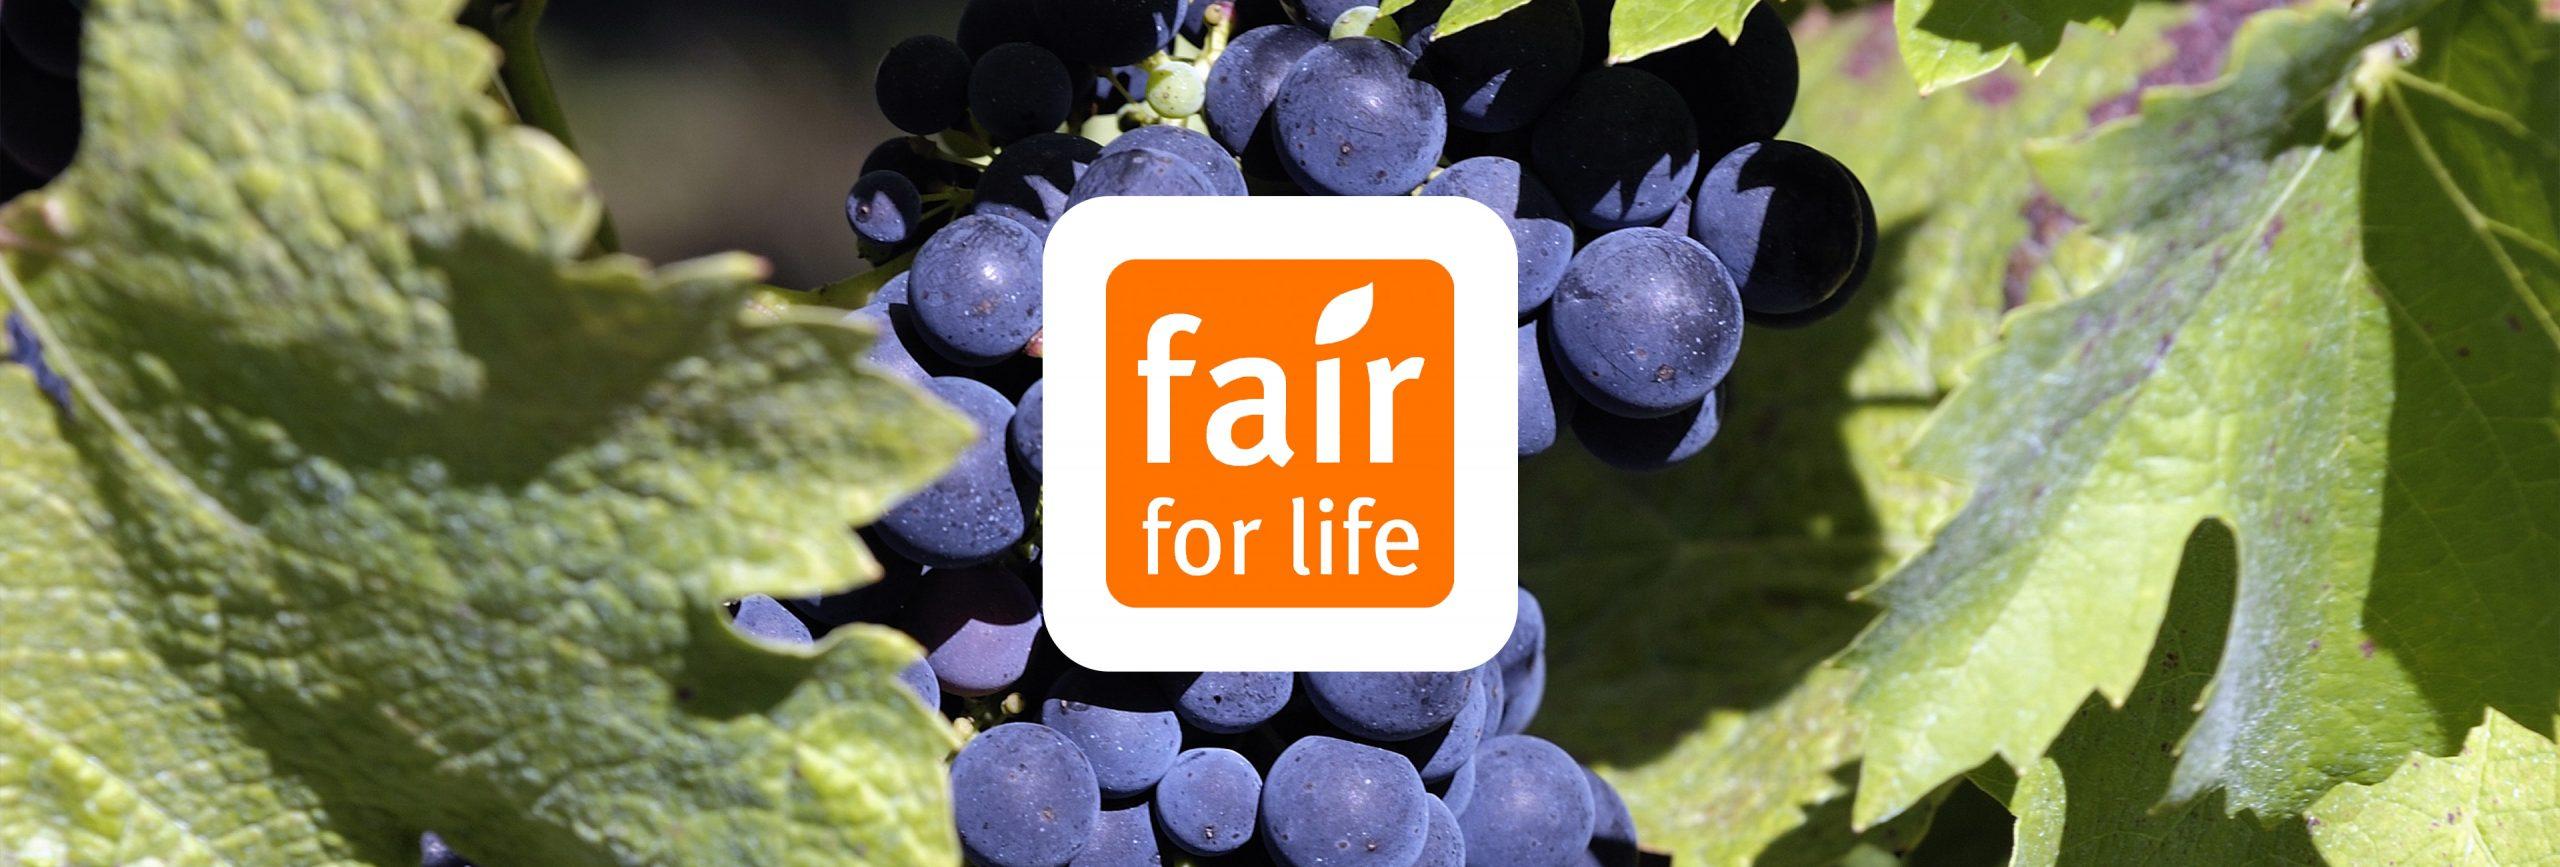 L'attestation Fair for Life au groupe Terres du Sud